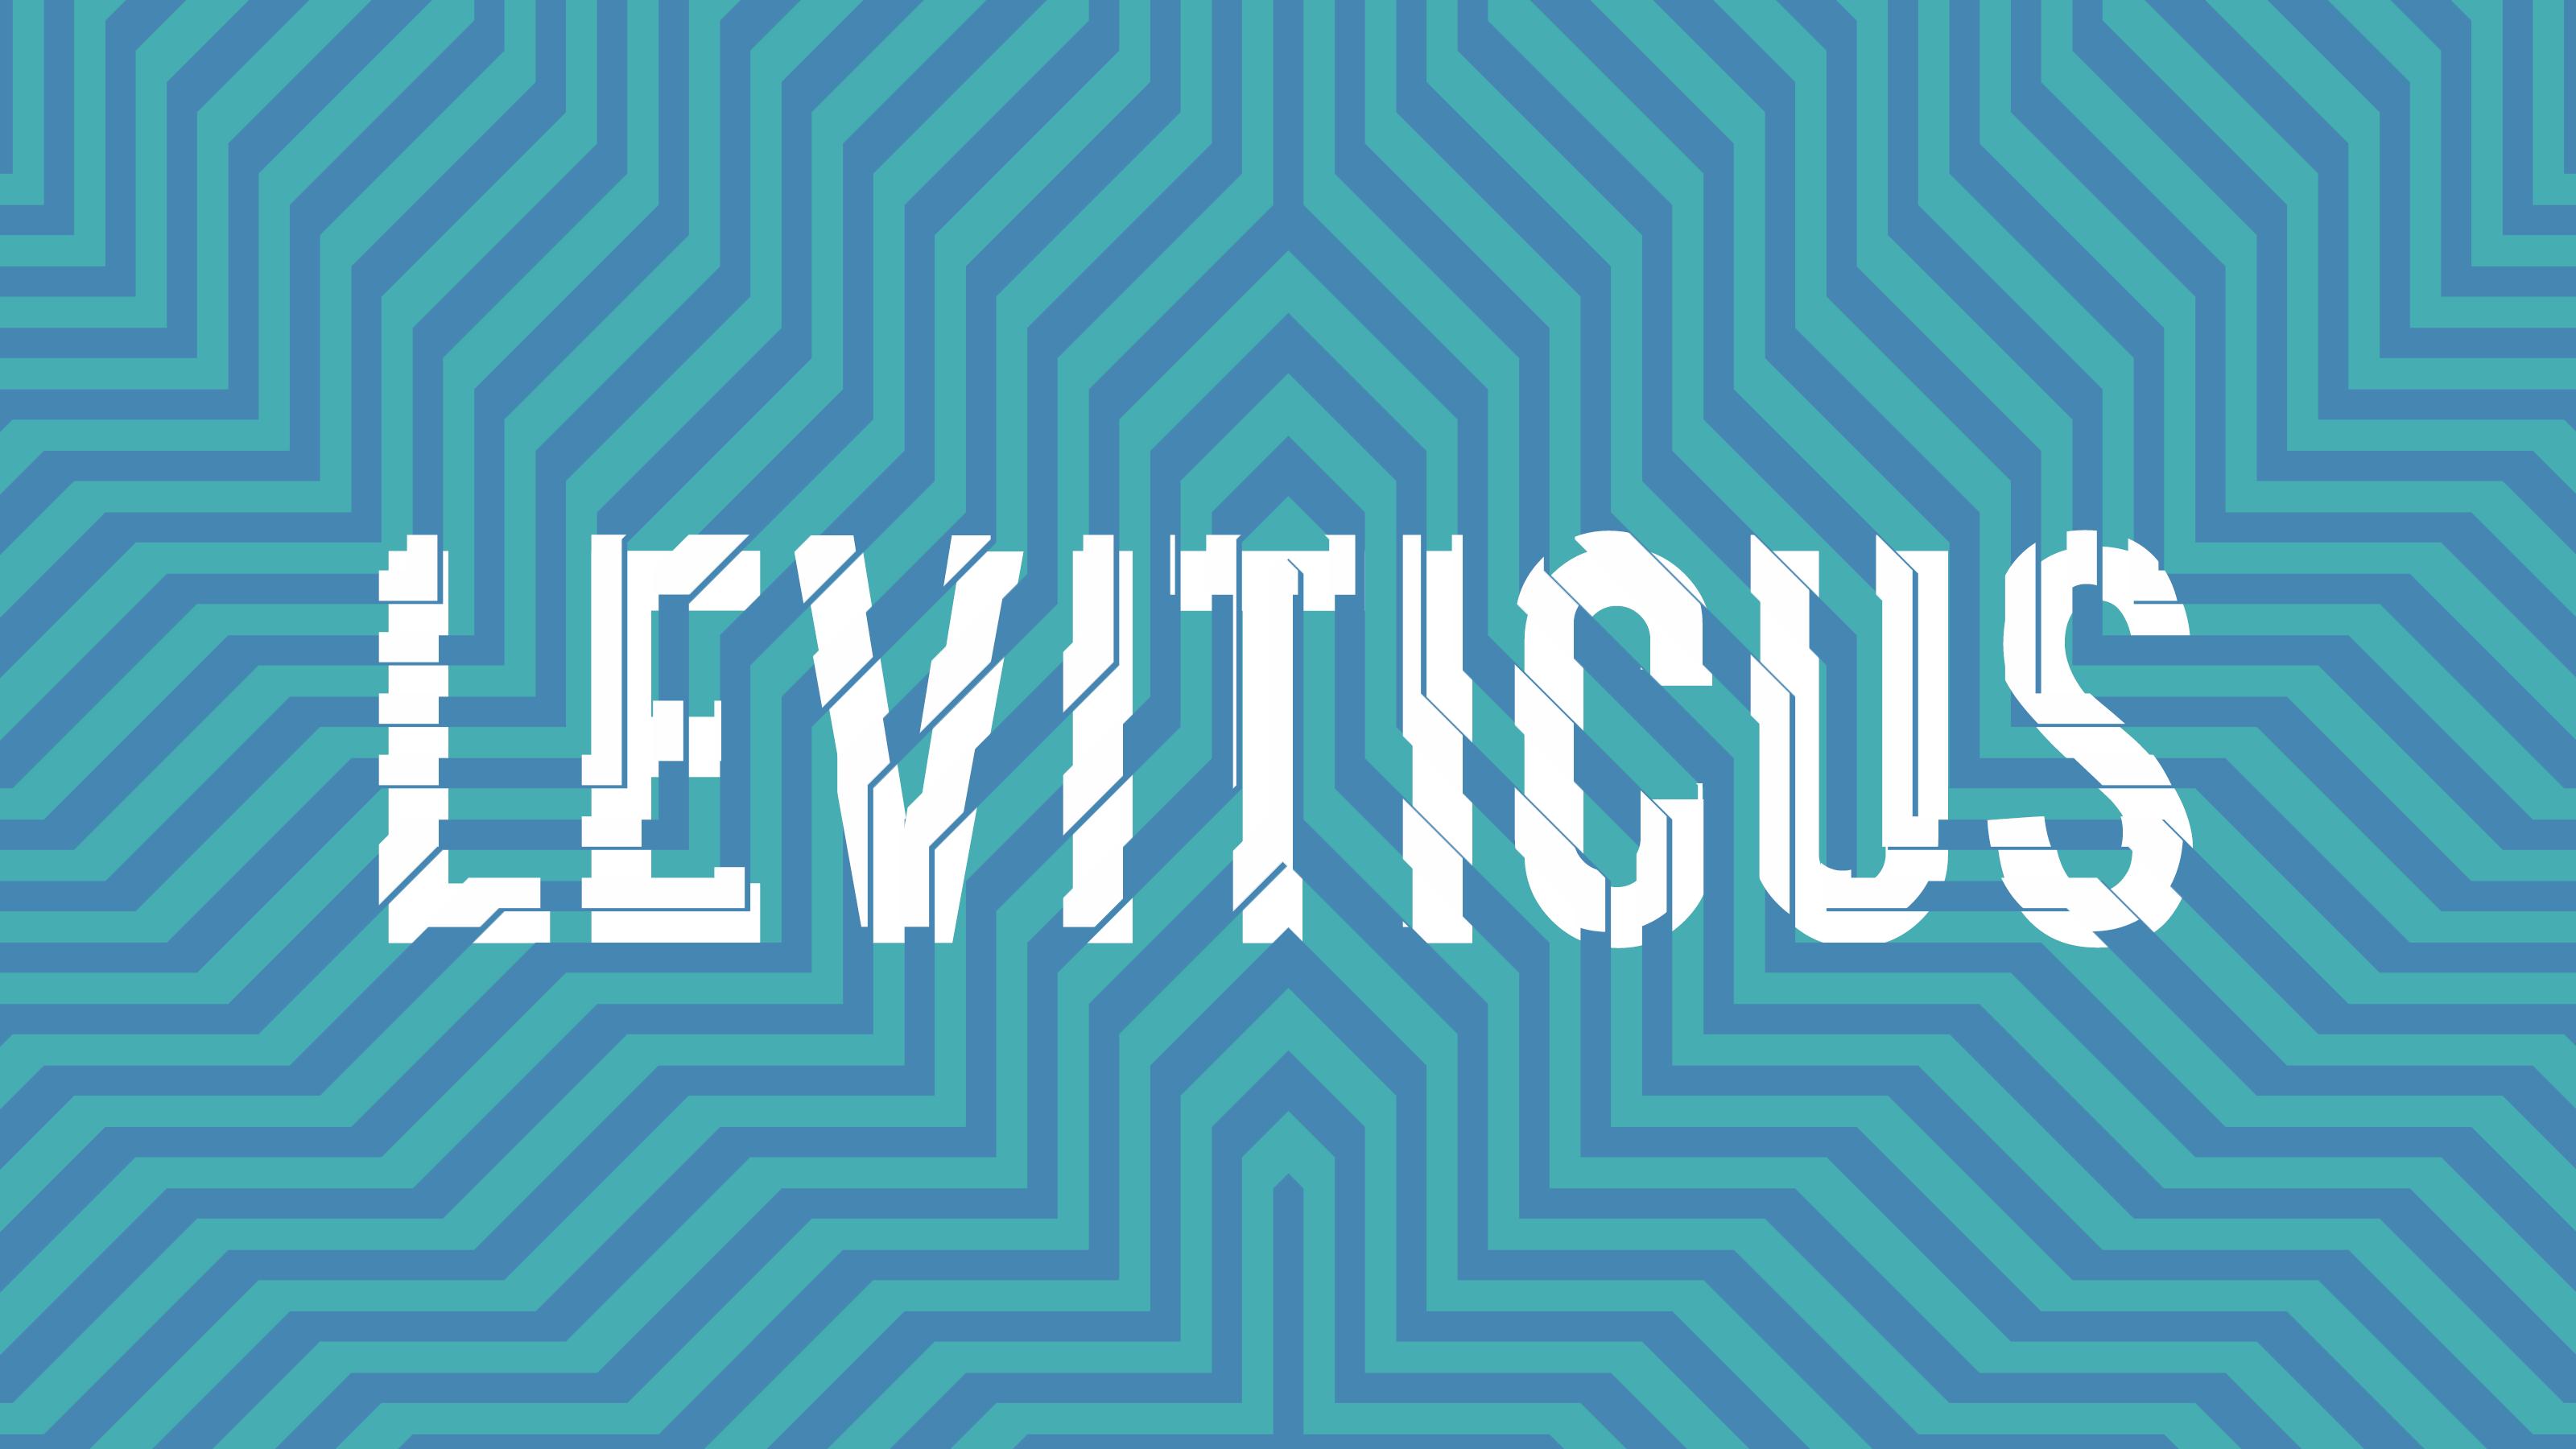 Leviticus 5-7